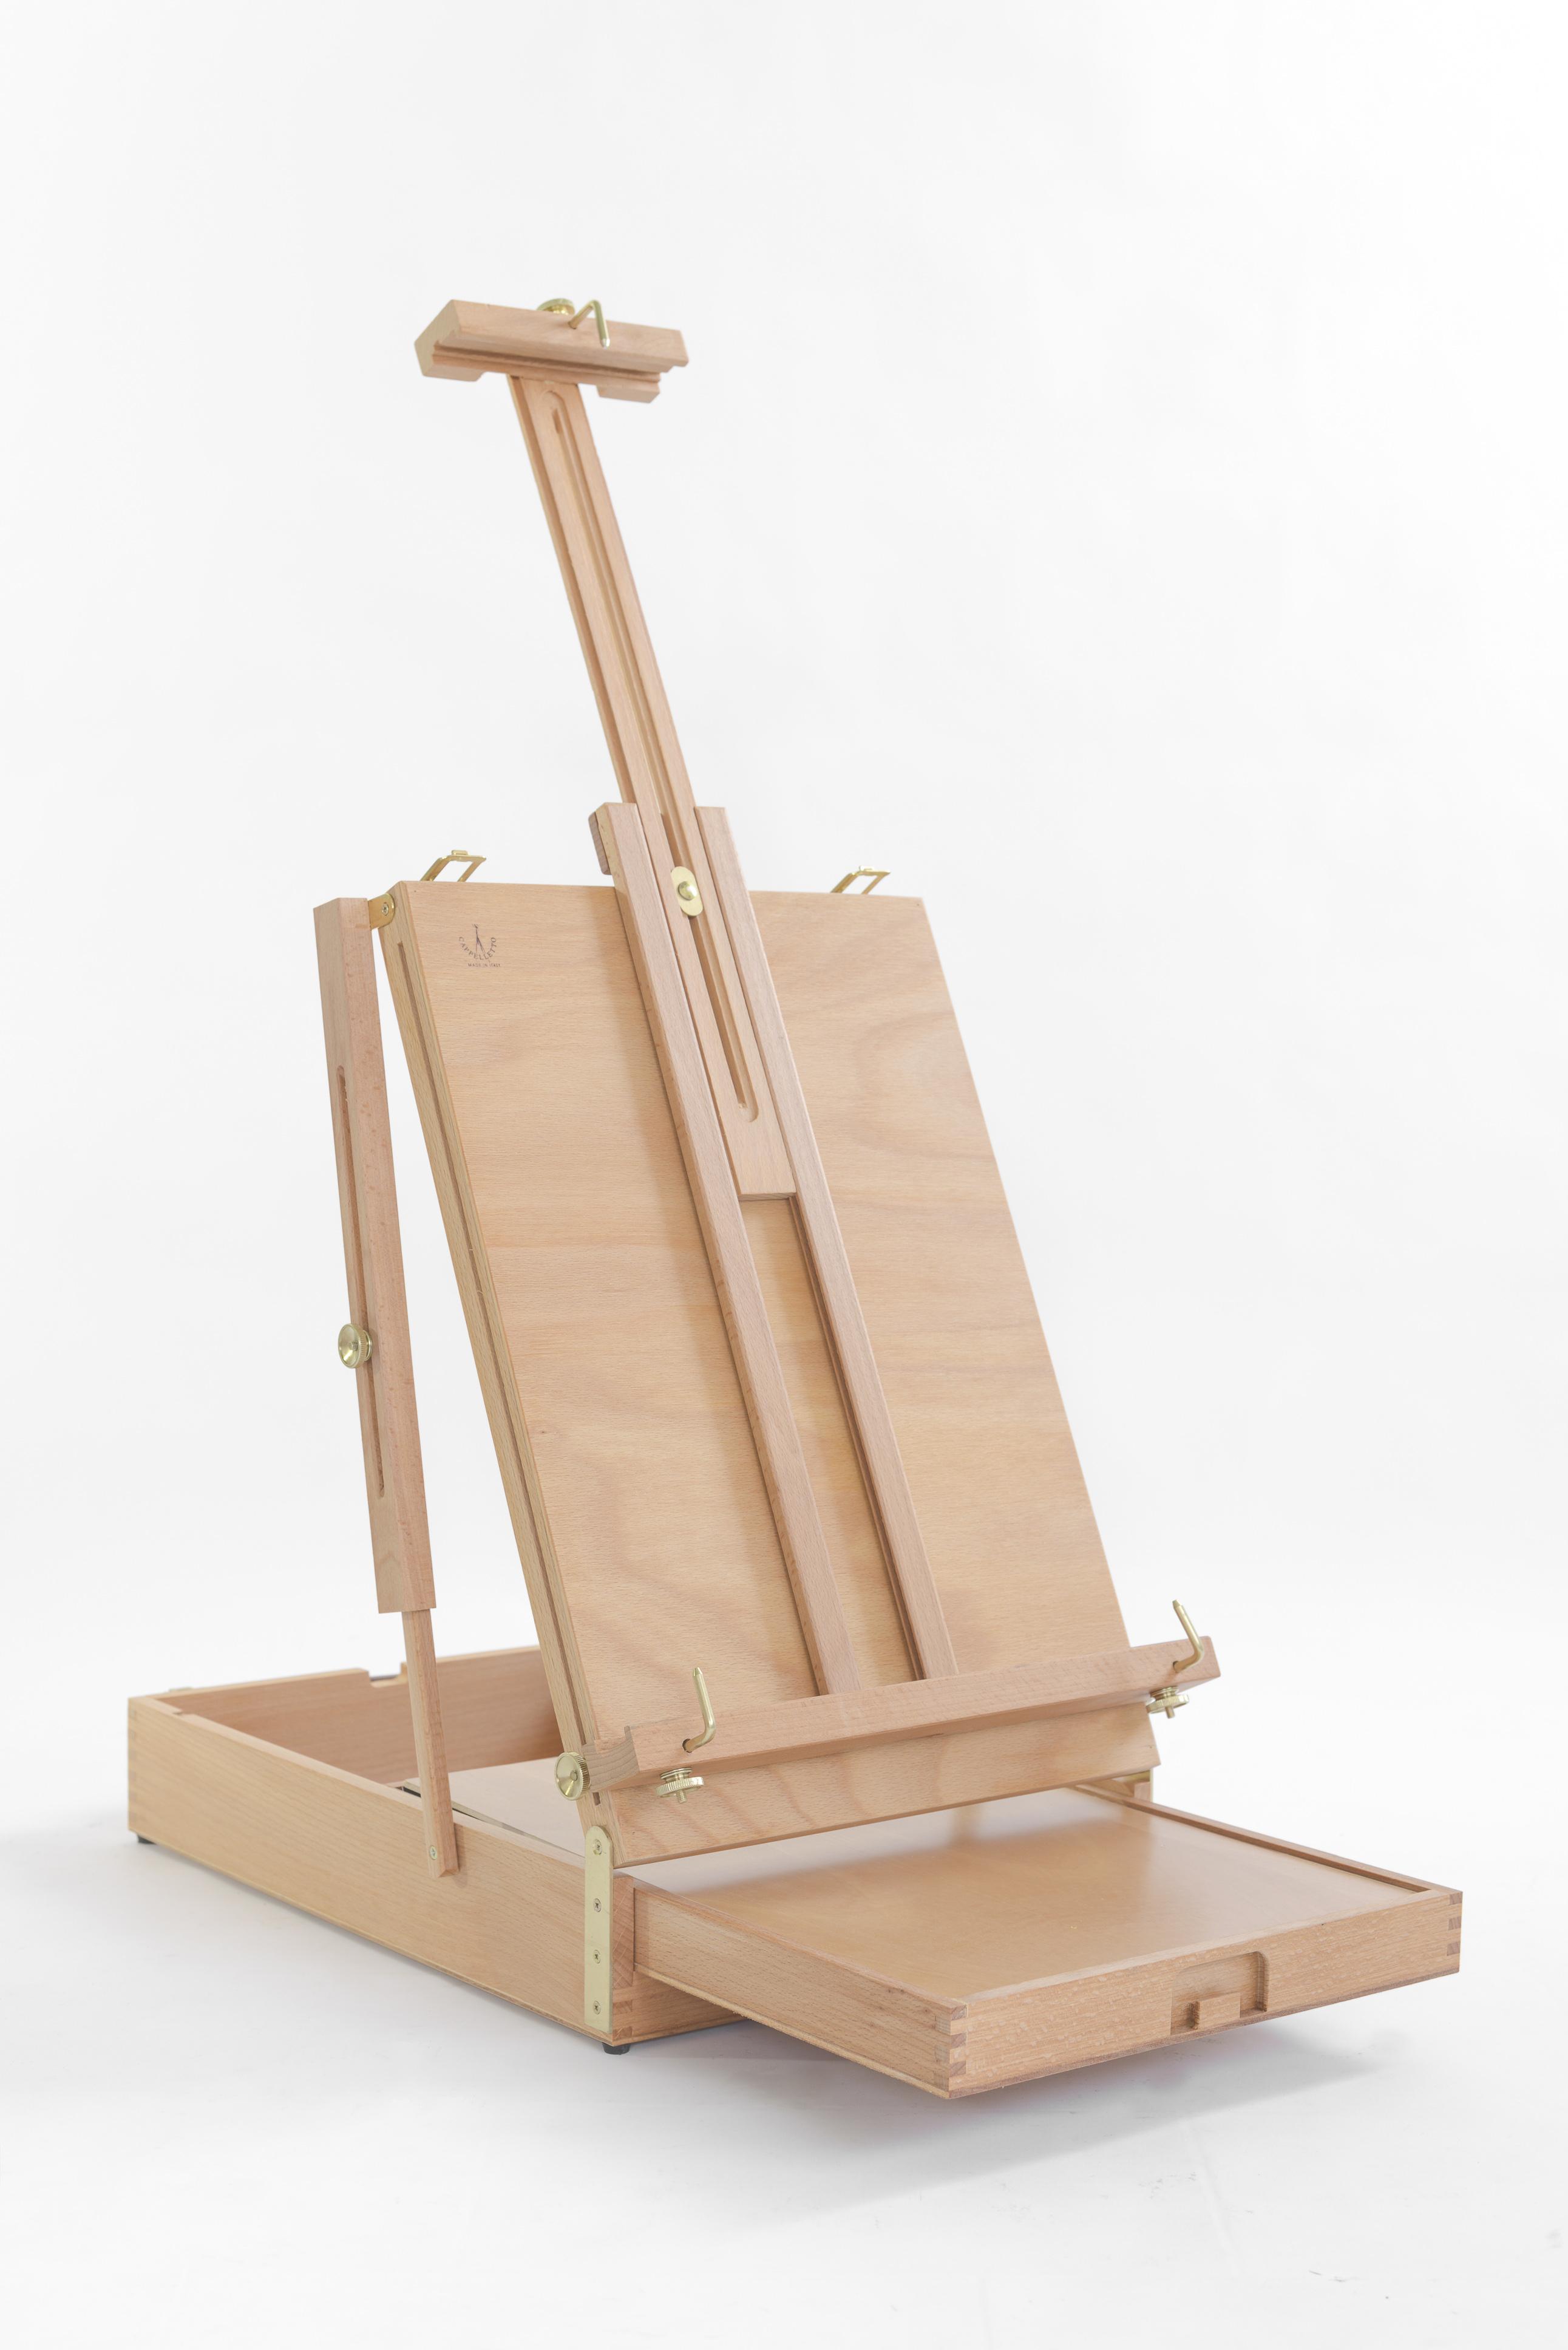 Cc 31 cassetta cavalletto da tavolo cappelletto articoli e lavorazioni in legno - Cavalletto tavolo ...